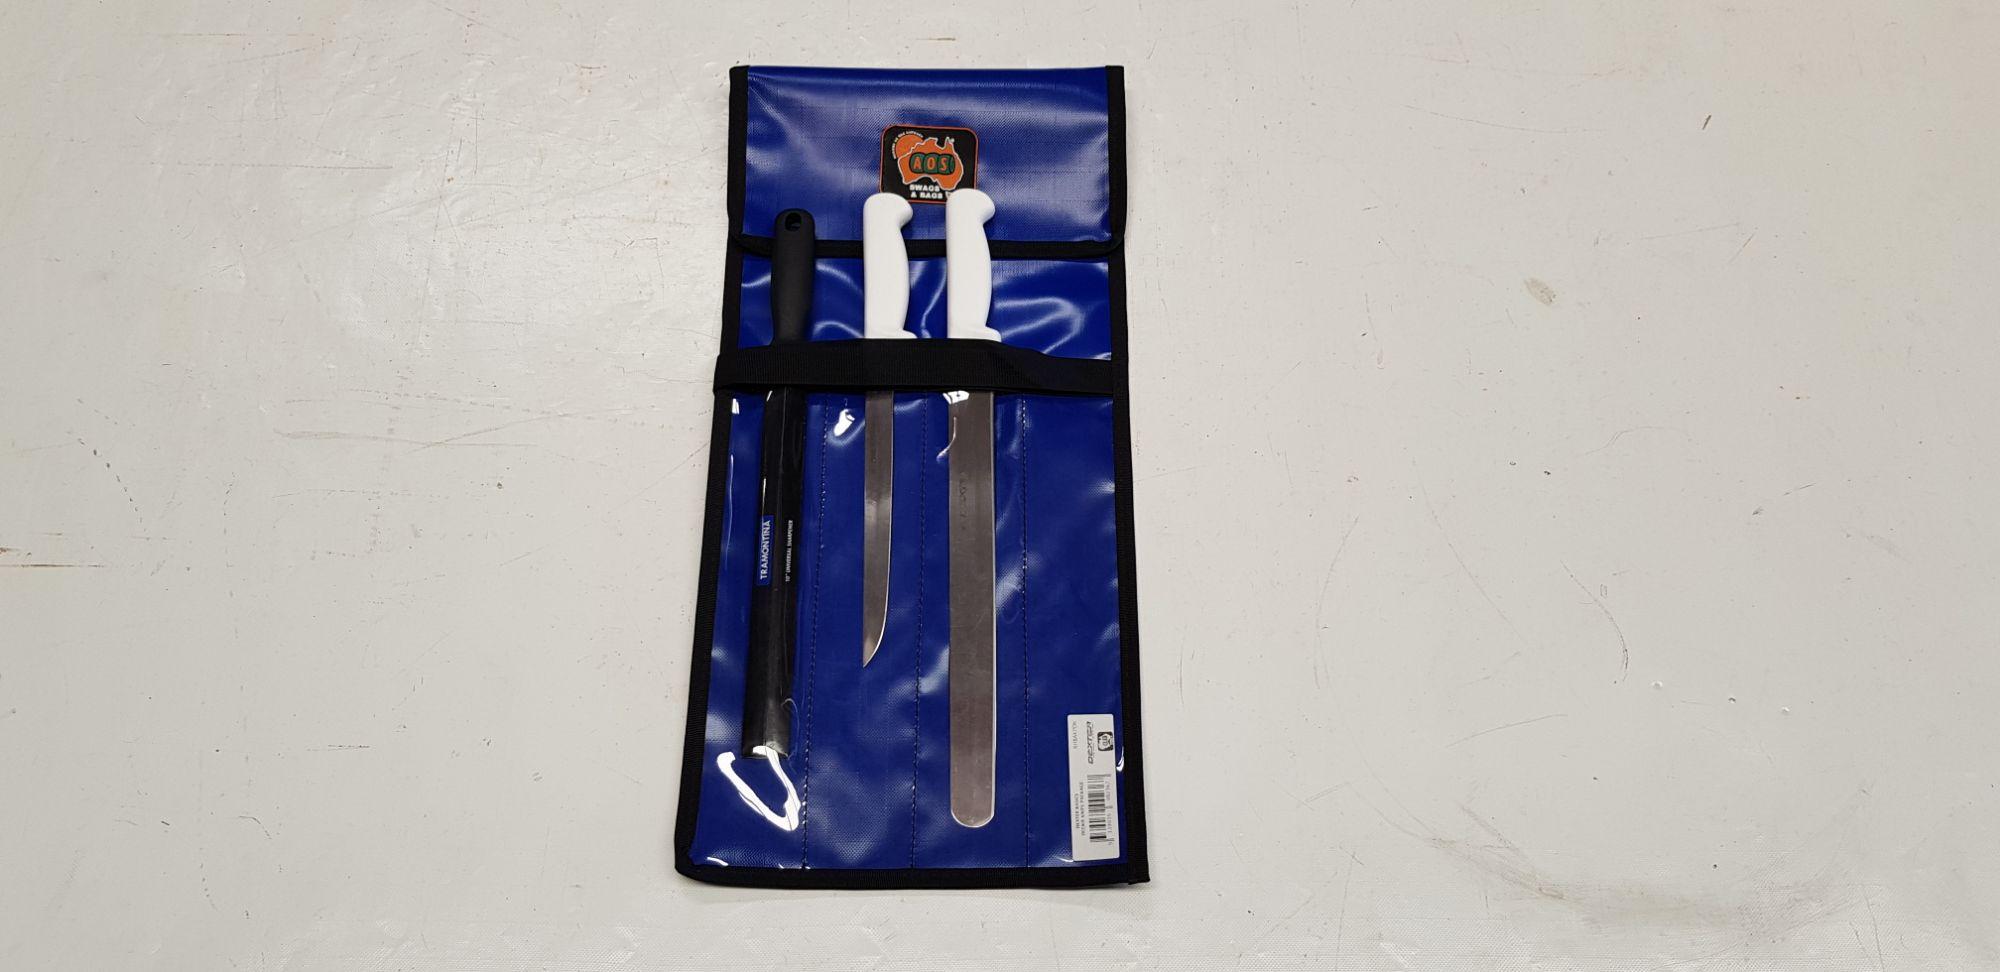 Dexter Deckies Knife Pack For Sale in  Perth Western Australia